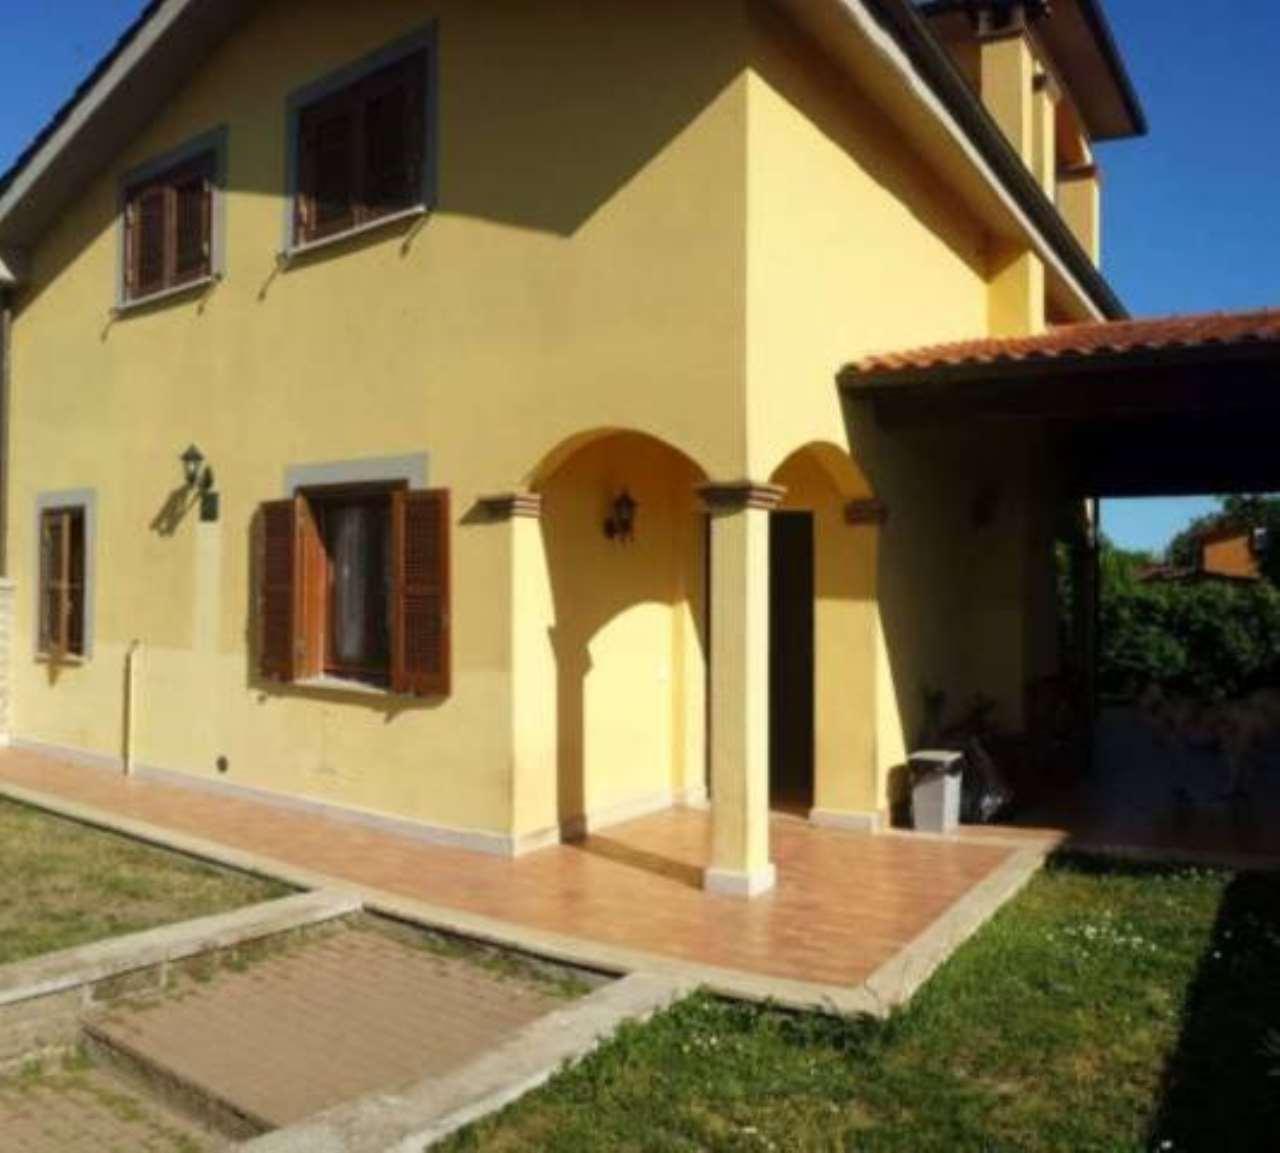 Villa in vendita a Anguillara Sabazia, 5 locali, prezzo € 228.000 | CambioCasa.it